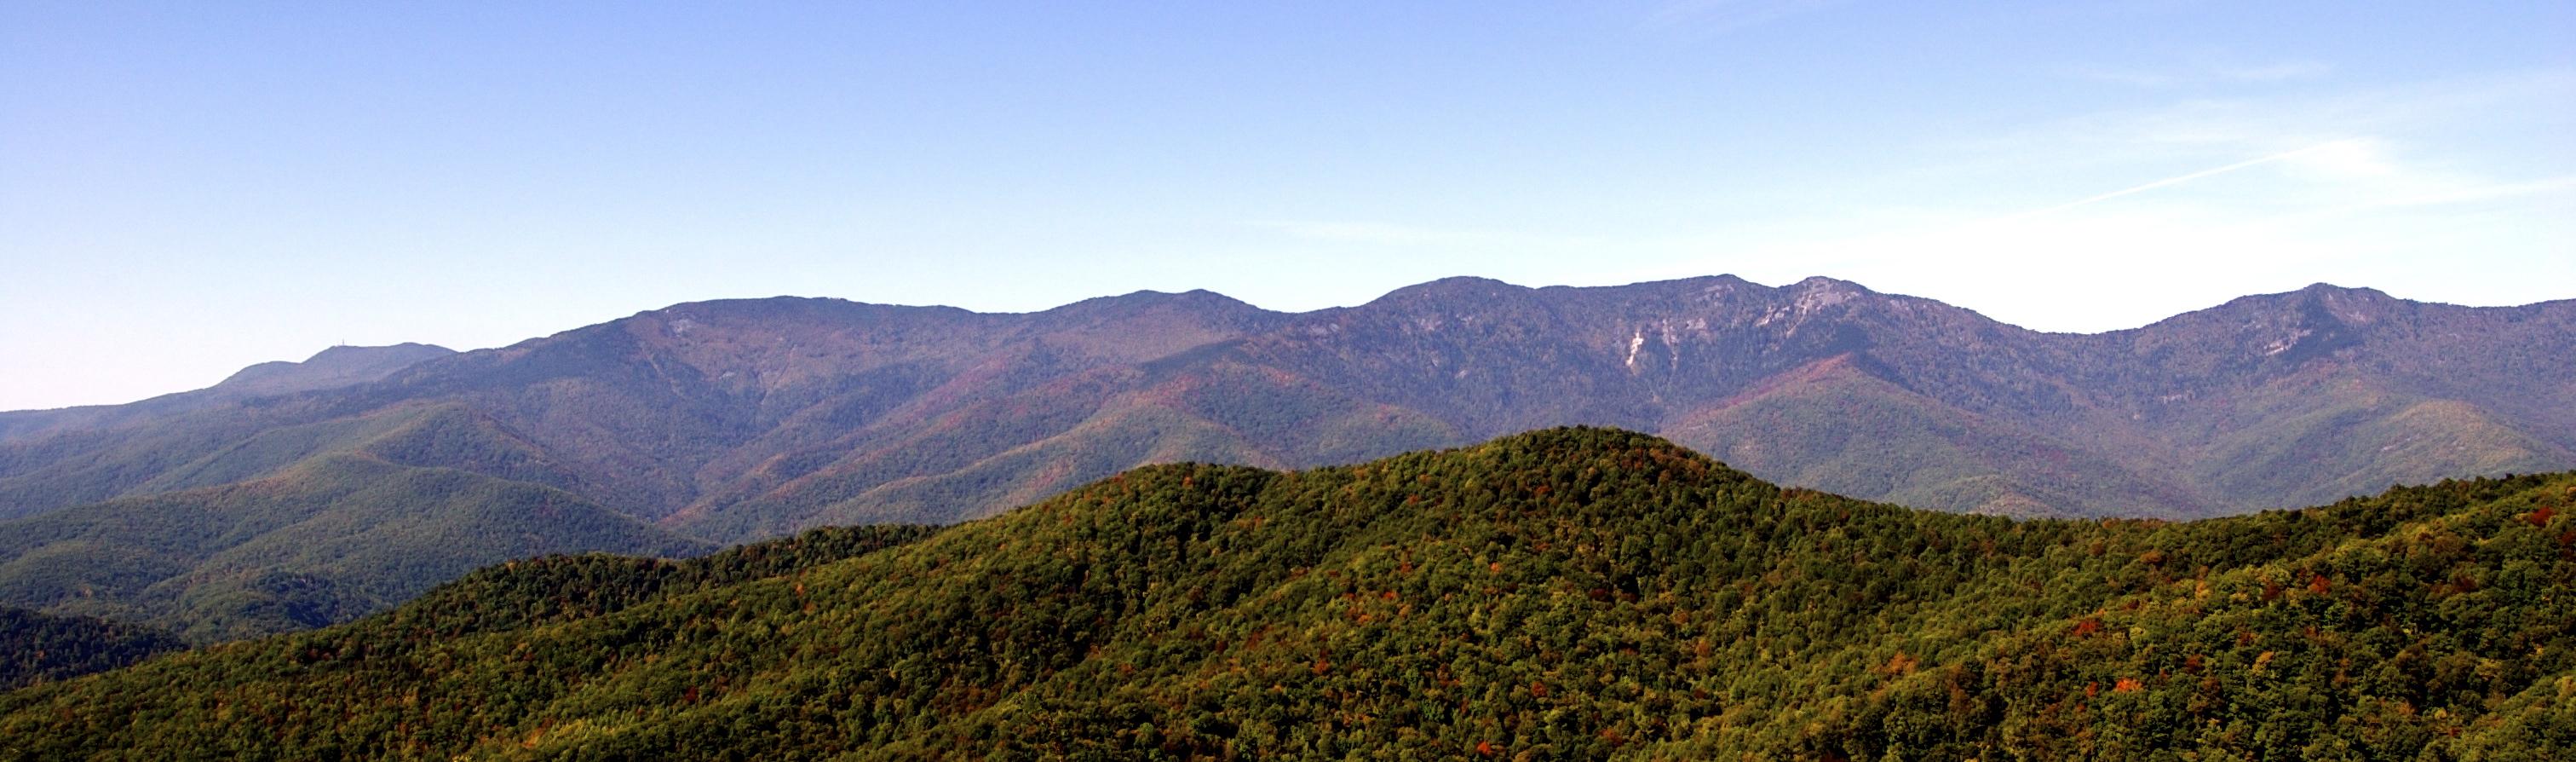 The Black Mountain Range